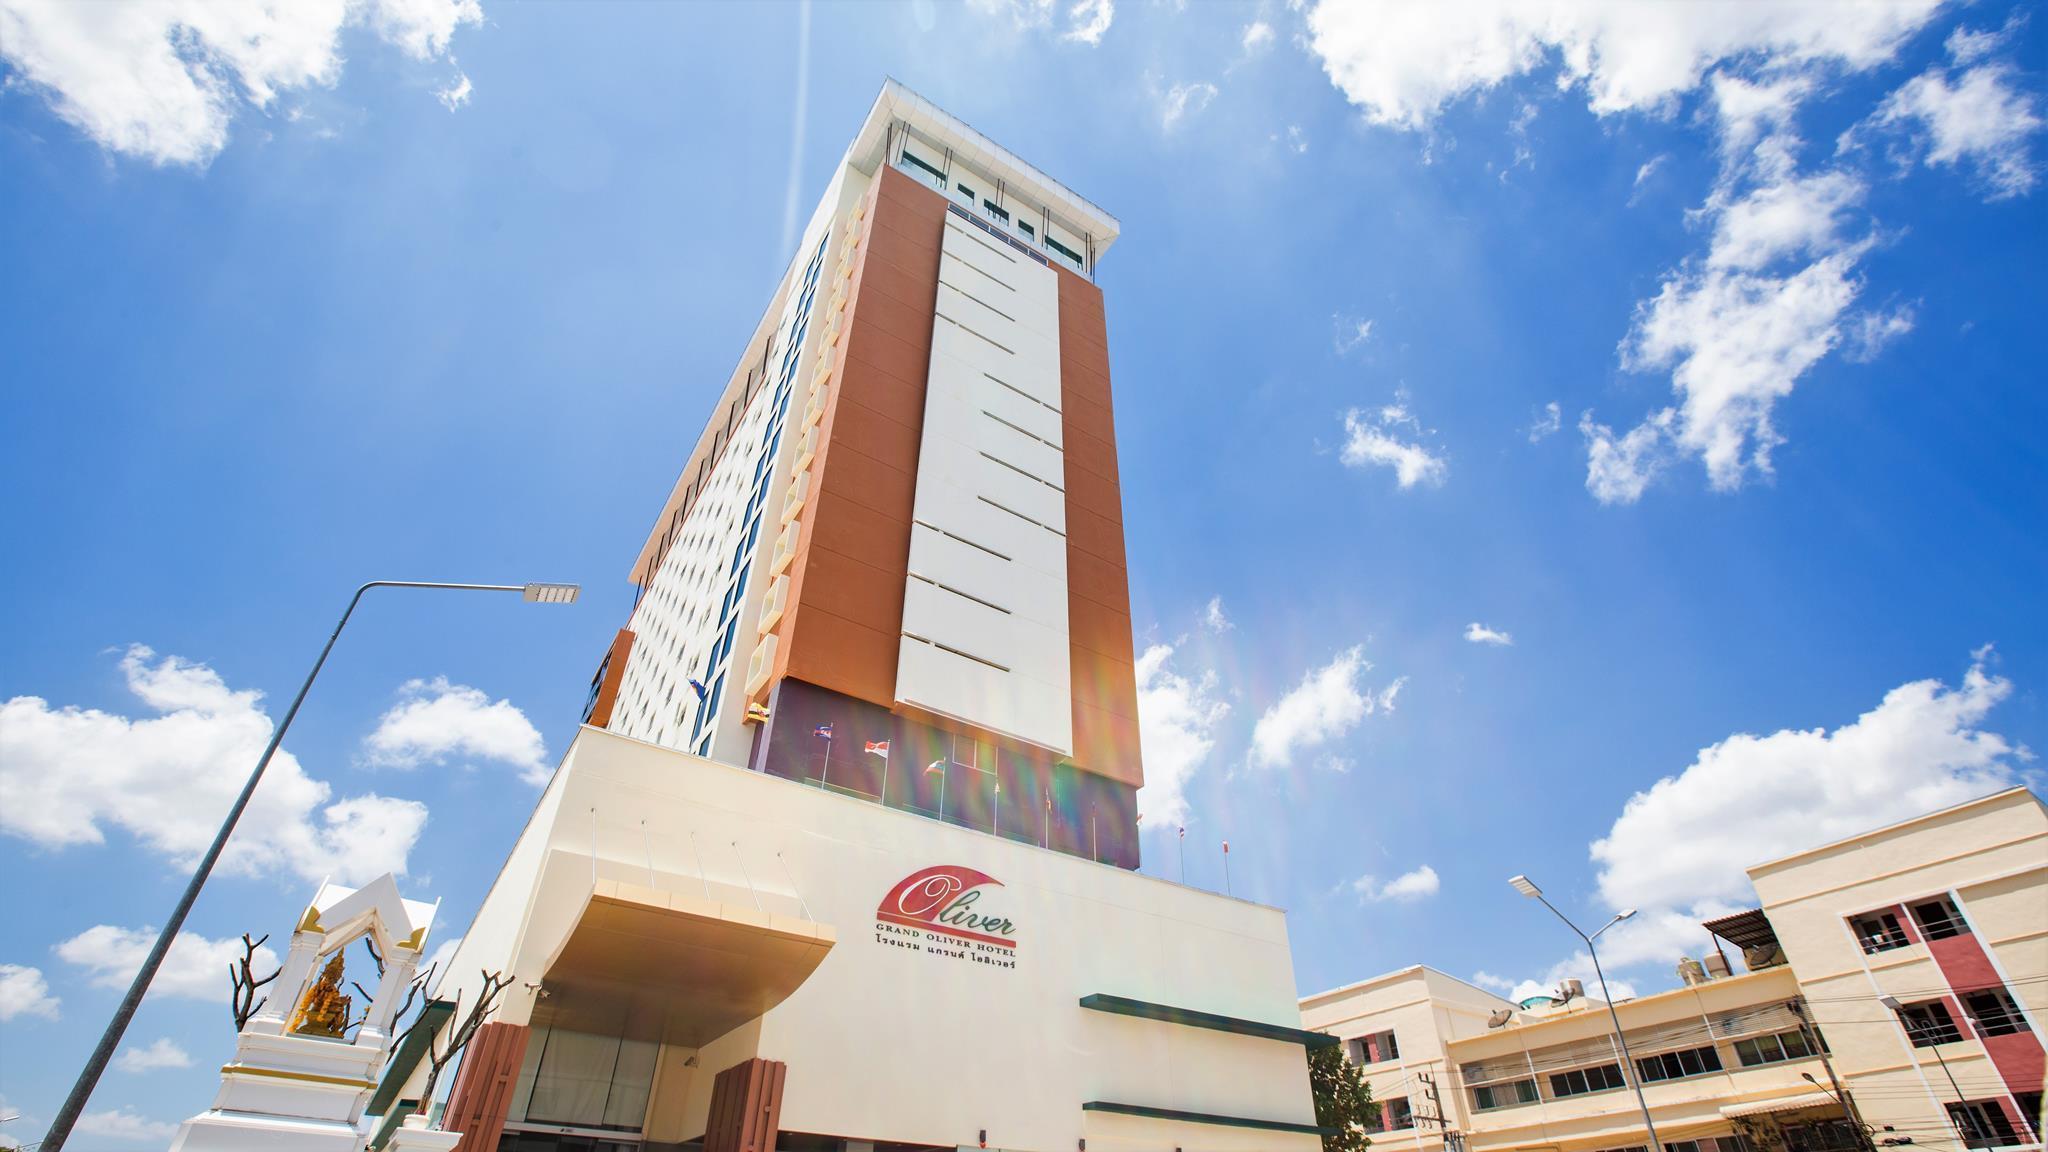 Grand Oliver Hotel Danok, Sadao